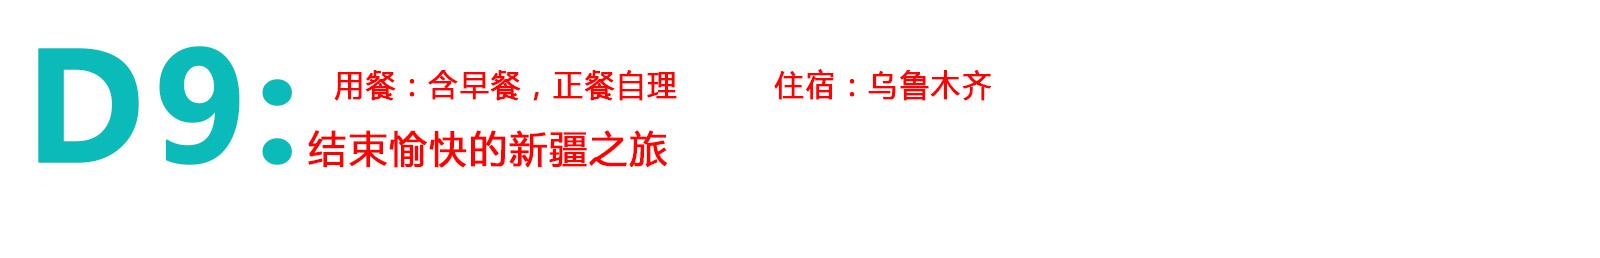 伊9线路介绍d9.jpg